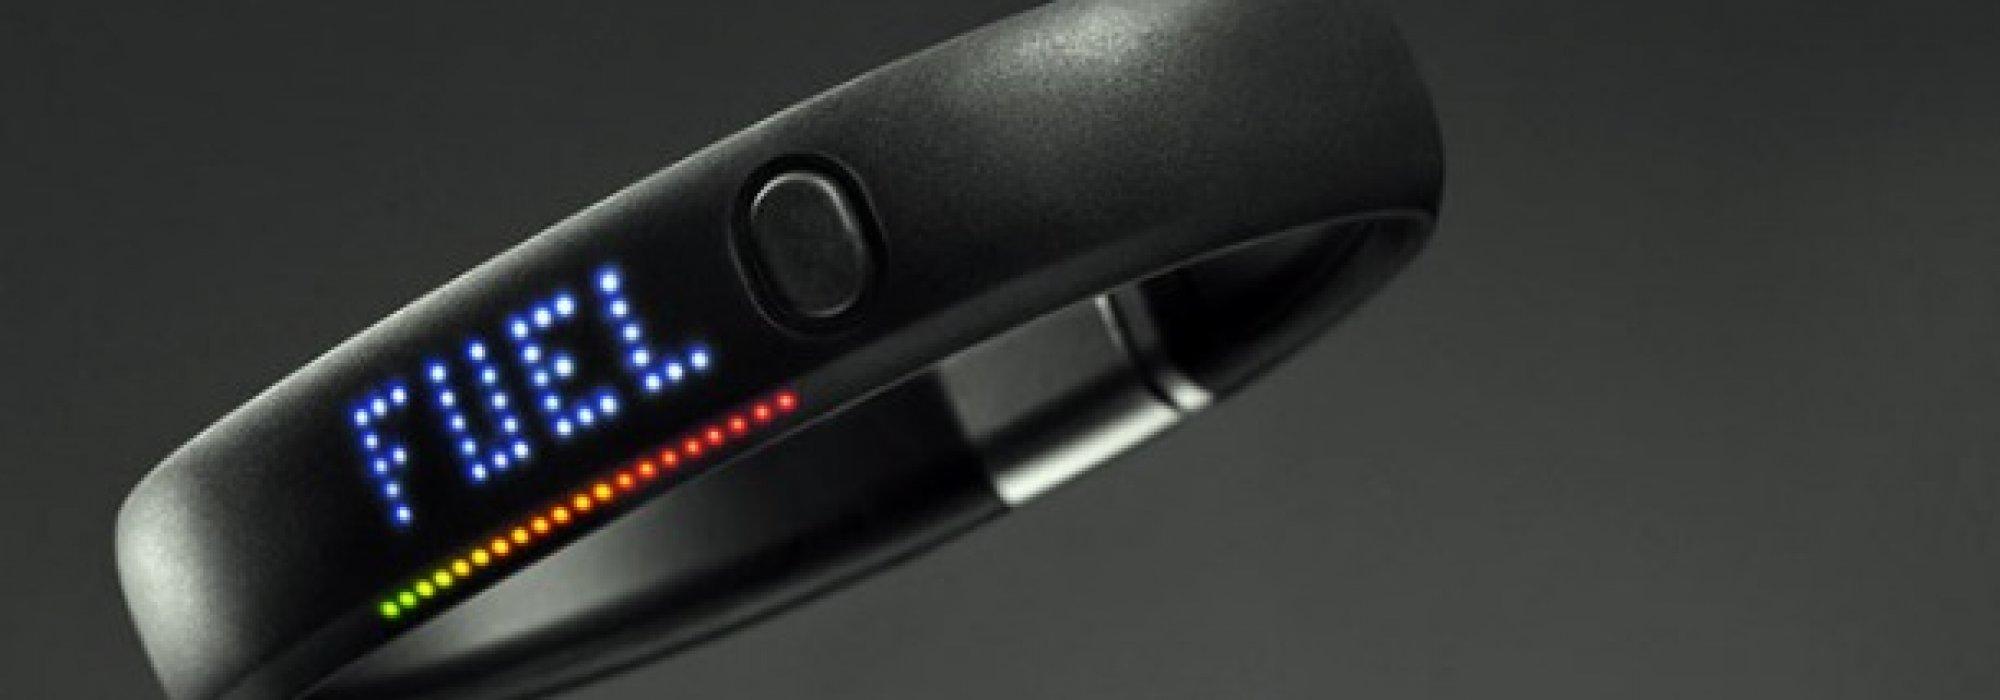 themus-Nike-FuelBand